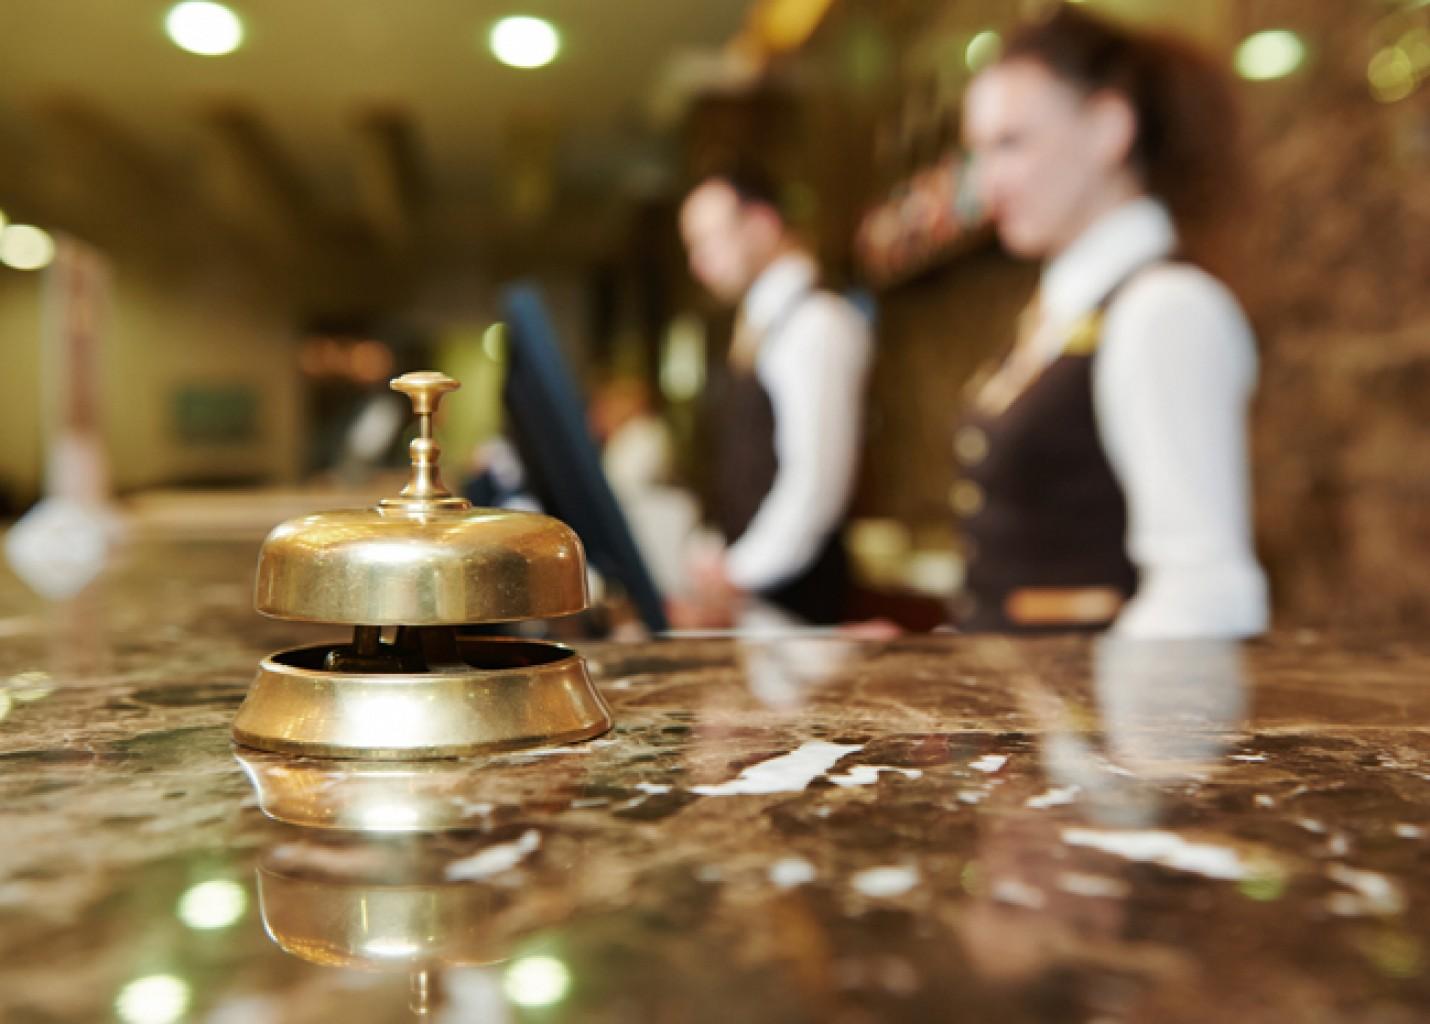 Agências e OTAs aumentam participação em reservas hoteleiras; canais diretos caem